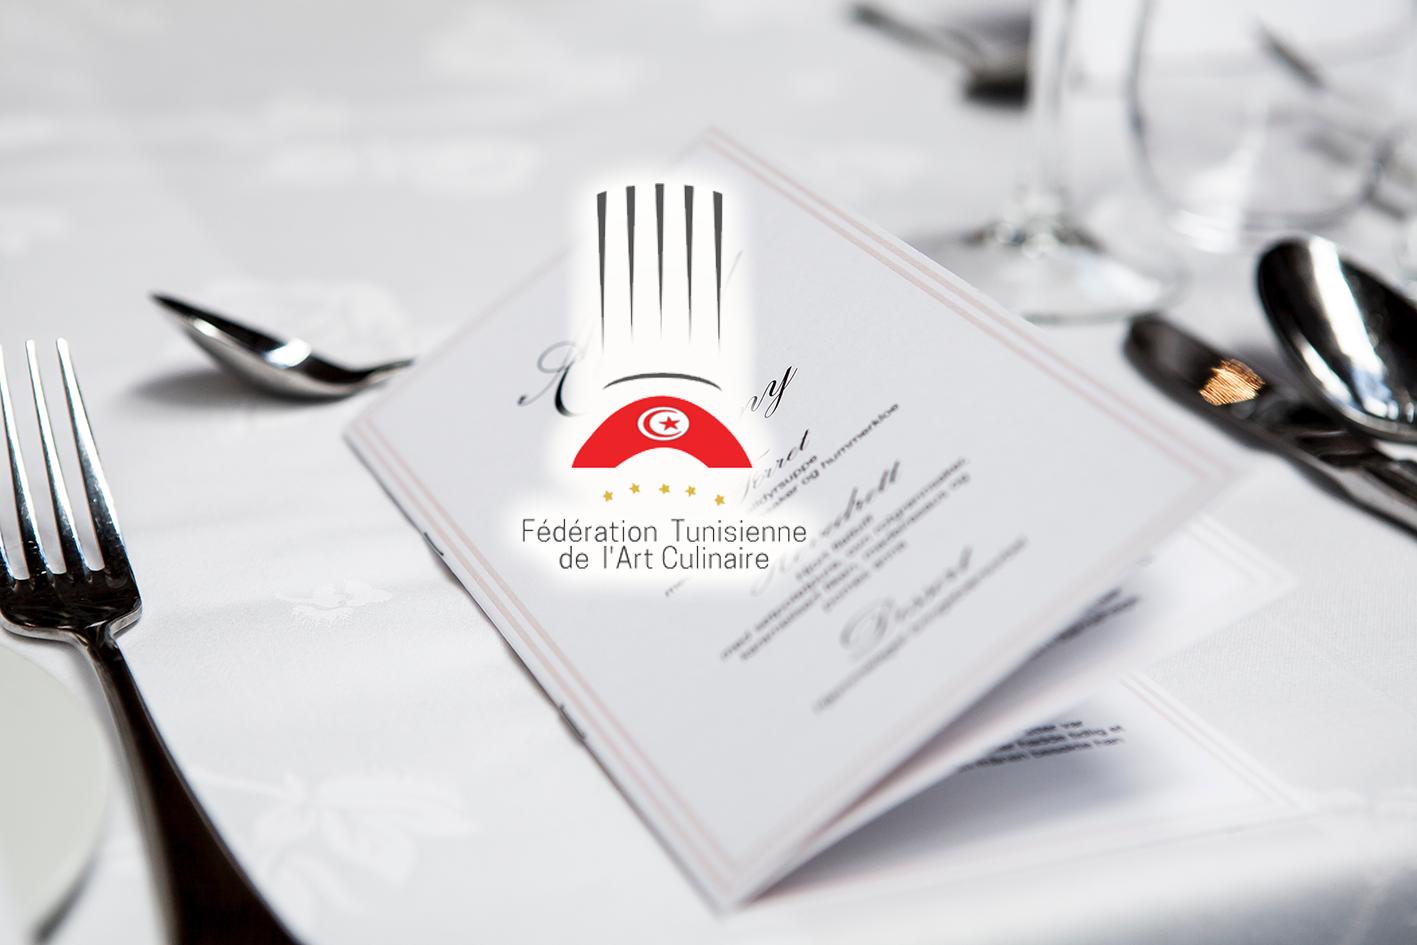 الجامعة التونسيّة لفنون الطبخ برنامج عمل ثريّ من أجل تثمين المطبخ التونسي: